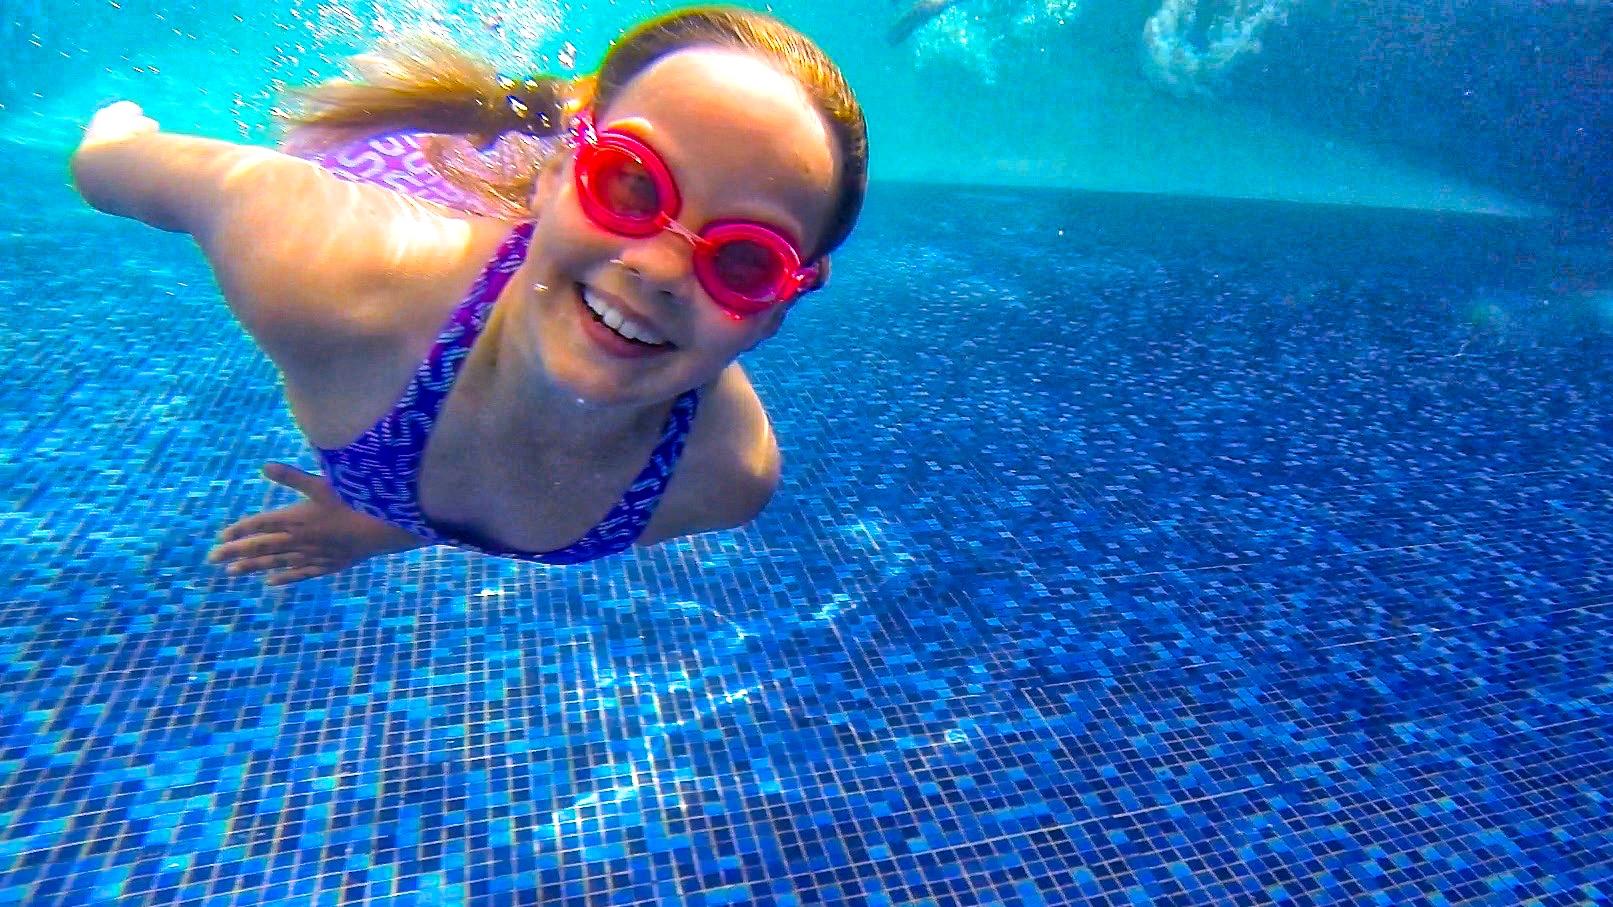 Evie-under-water_HDR_edit.jpg